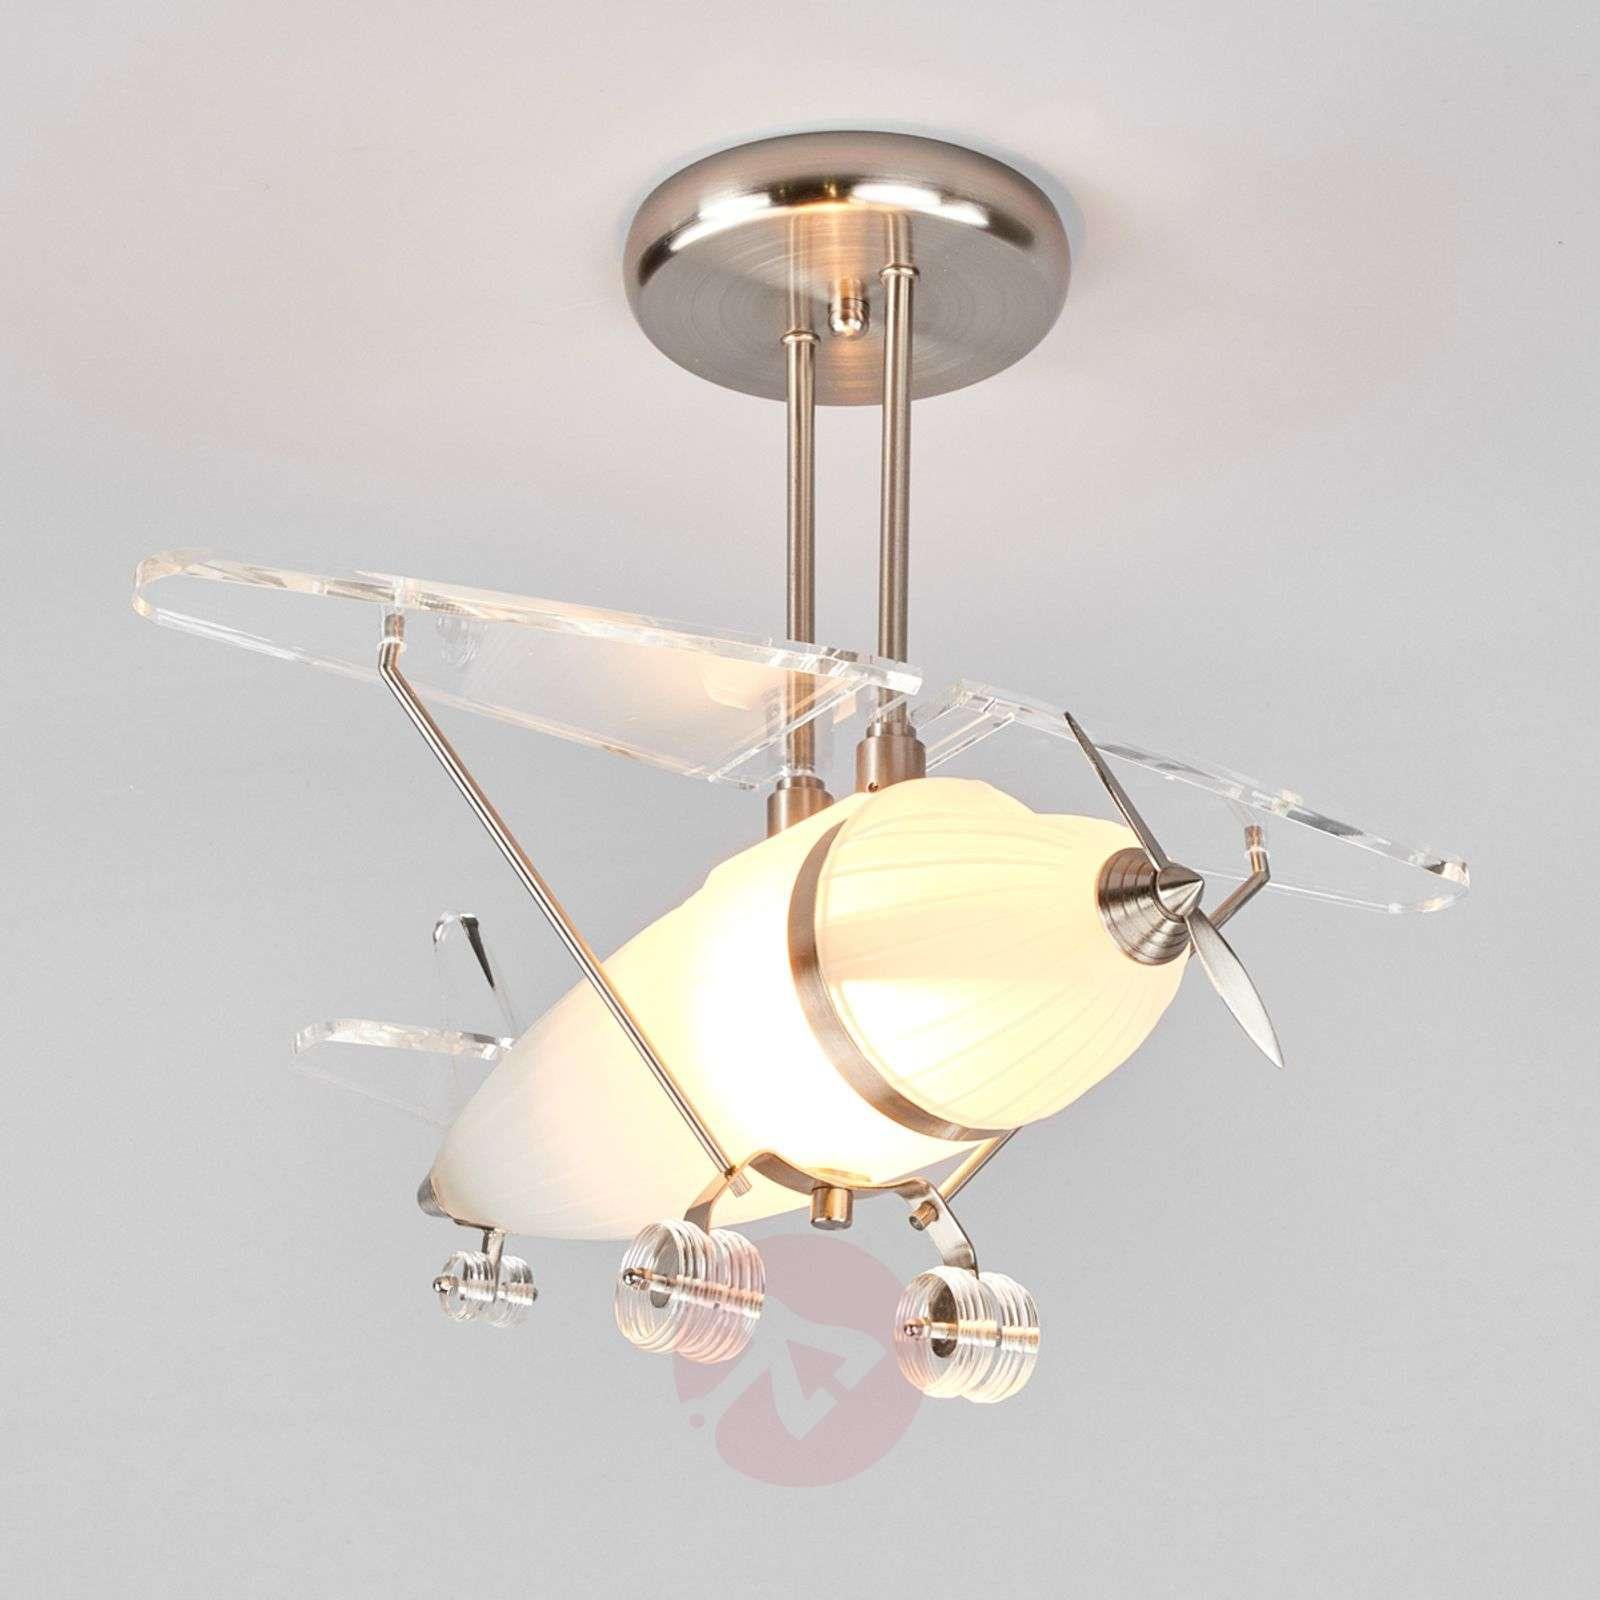 FLYA aeroplane-shaped decorative ceiling light-8570182-03